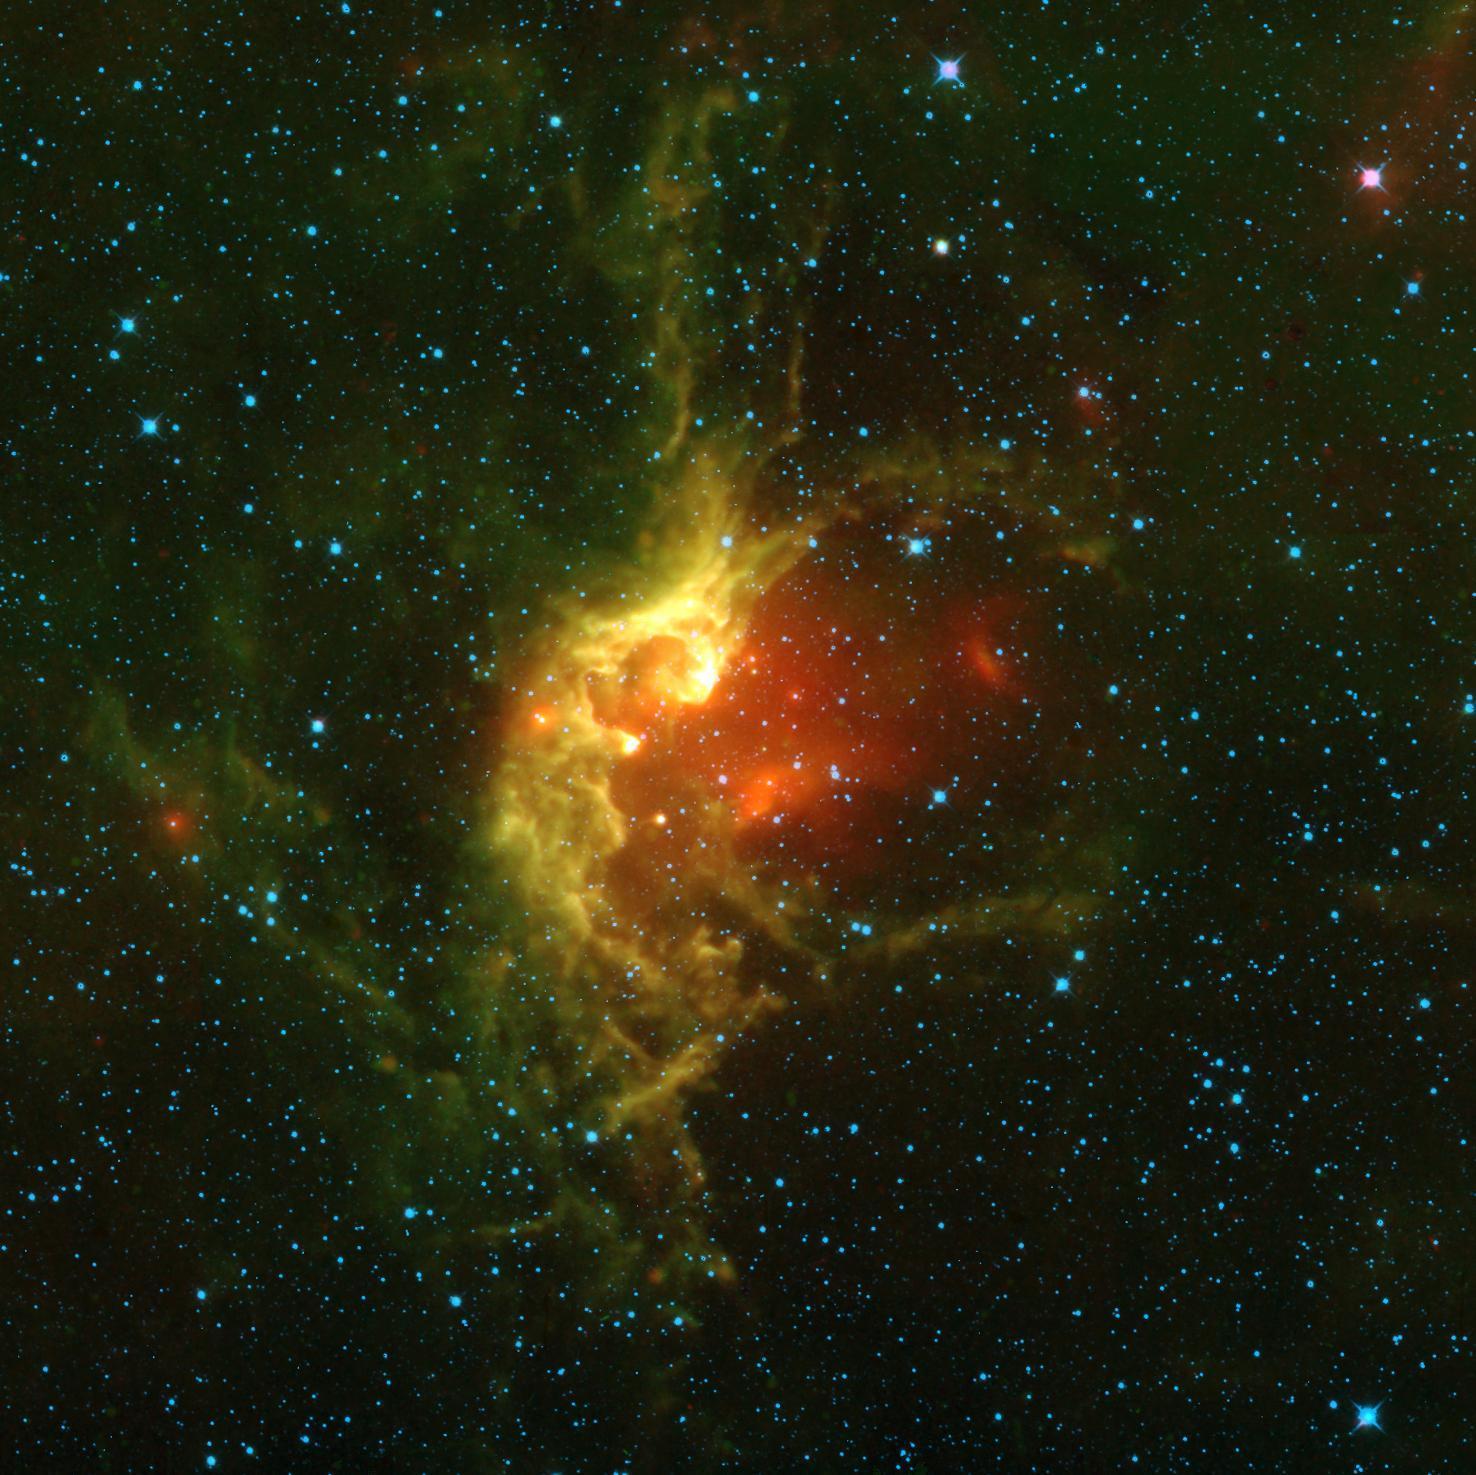 nasa images of nebulae - photo #44